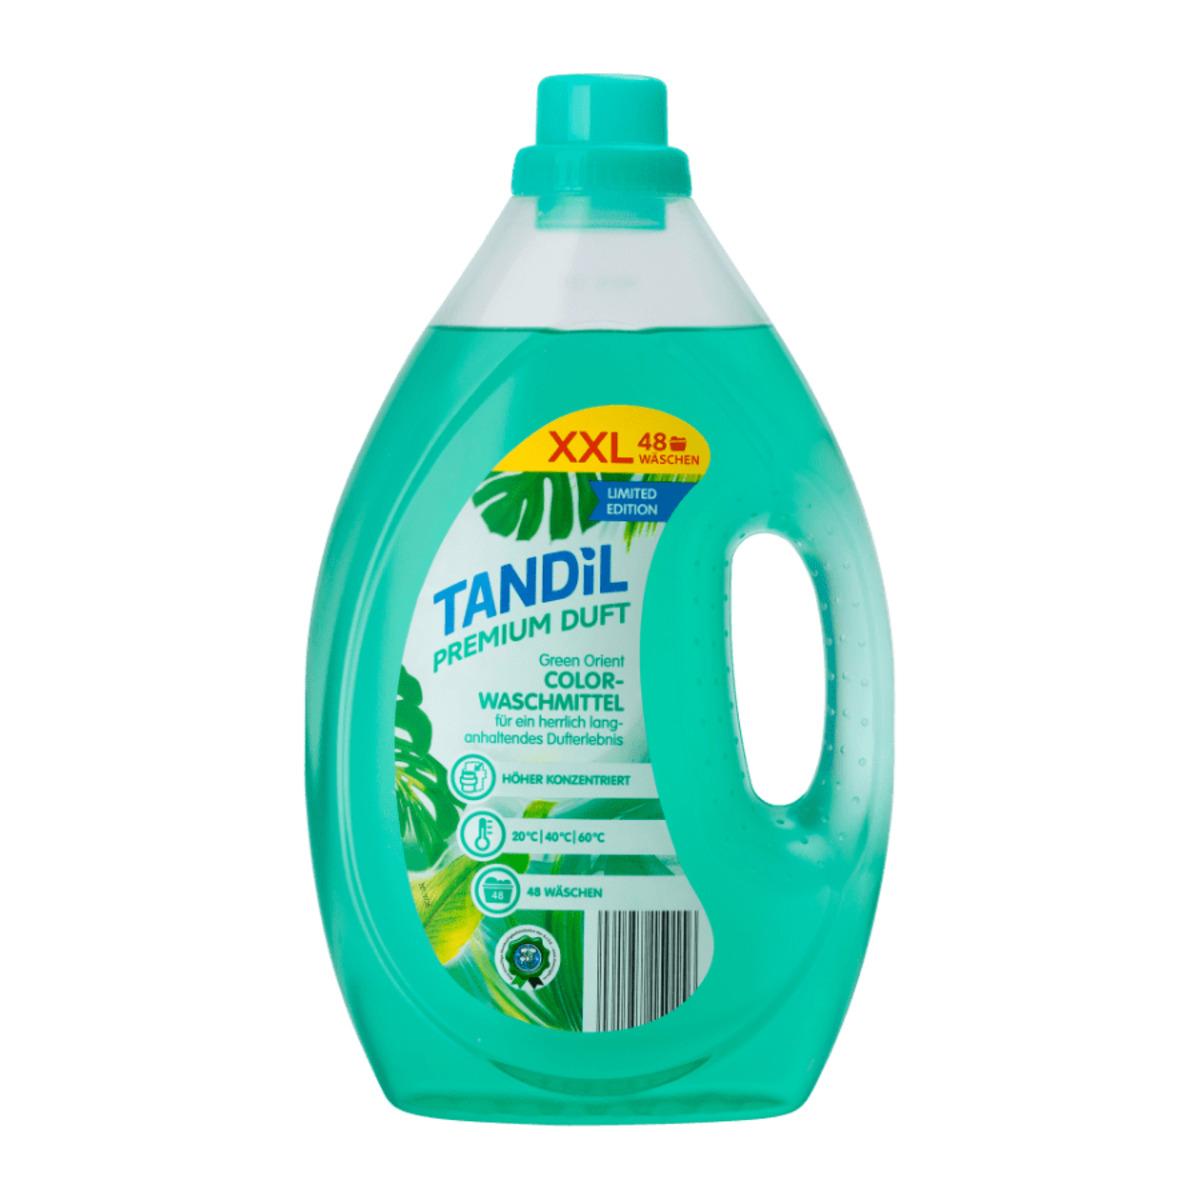 Bild 3 von TANDIL     Flüssigwaschmittel XXL